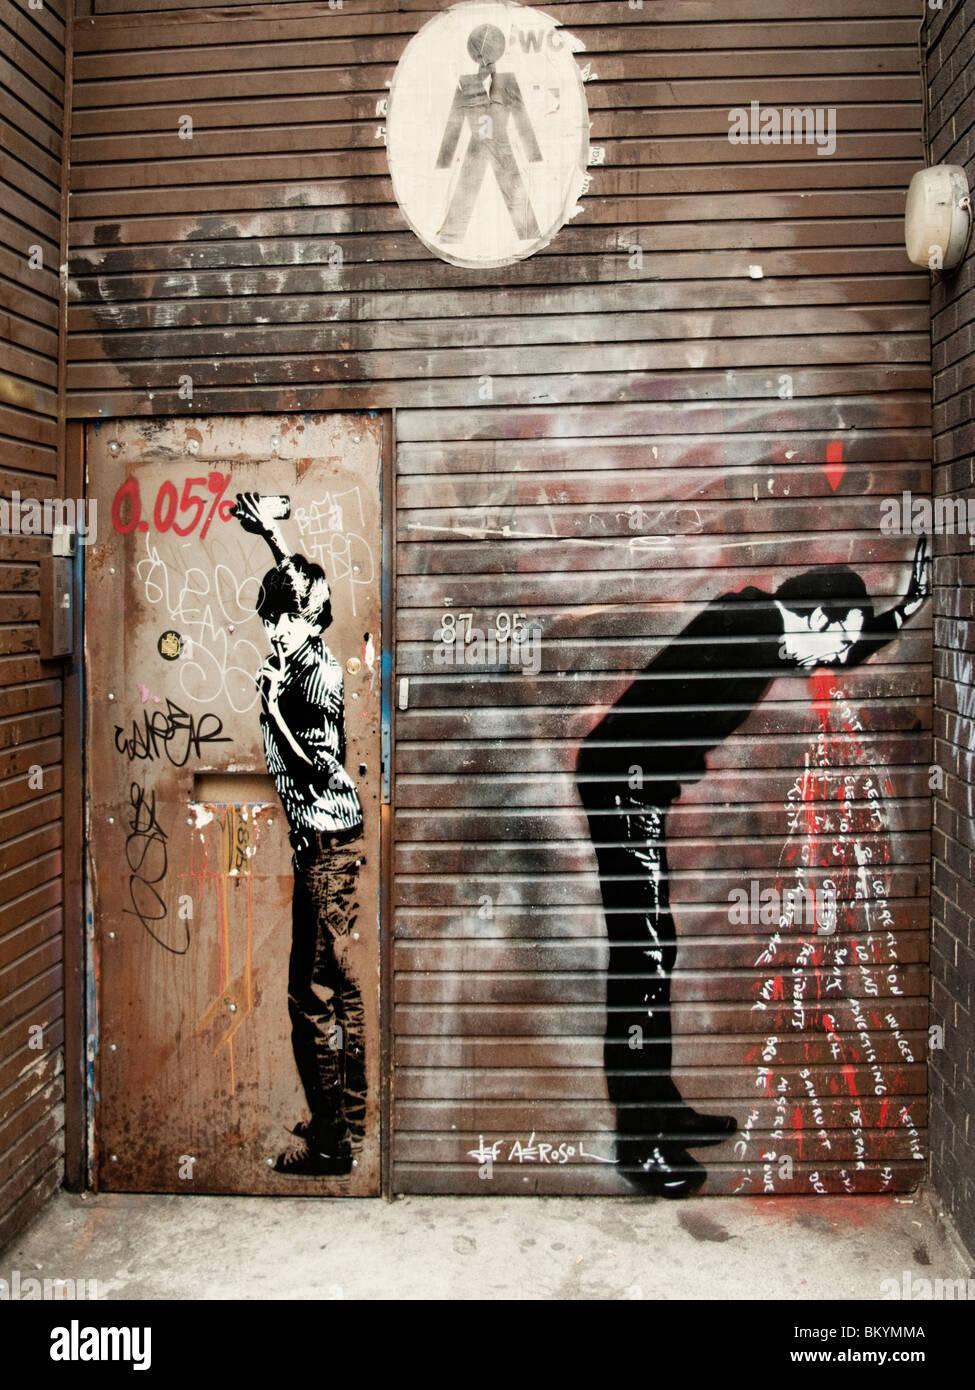 Graffiti  by Jef Aerosol,Hoxton,London - Stock Image